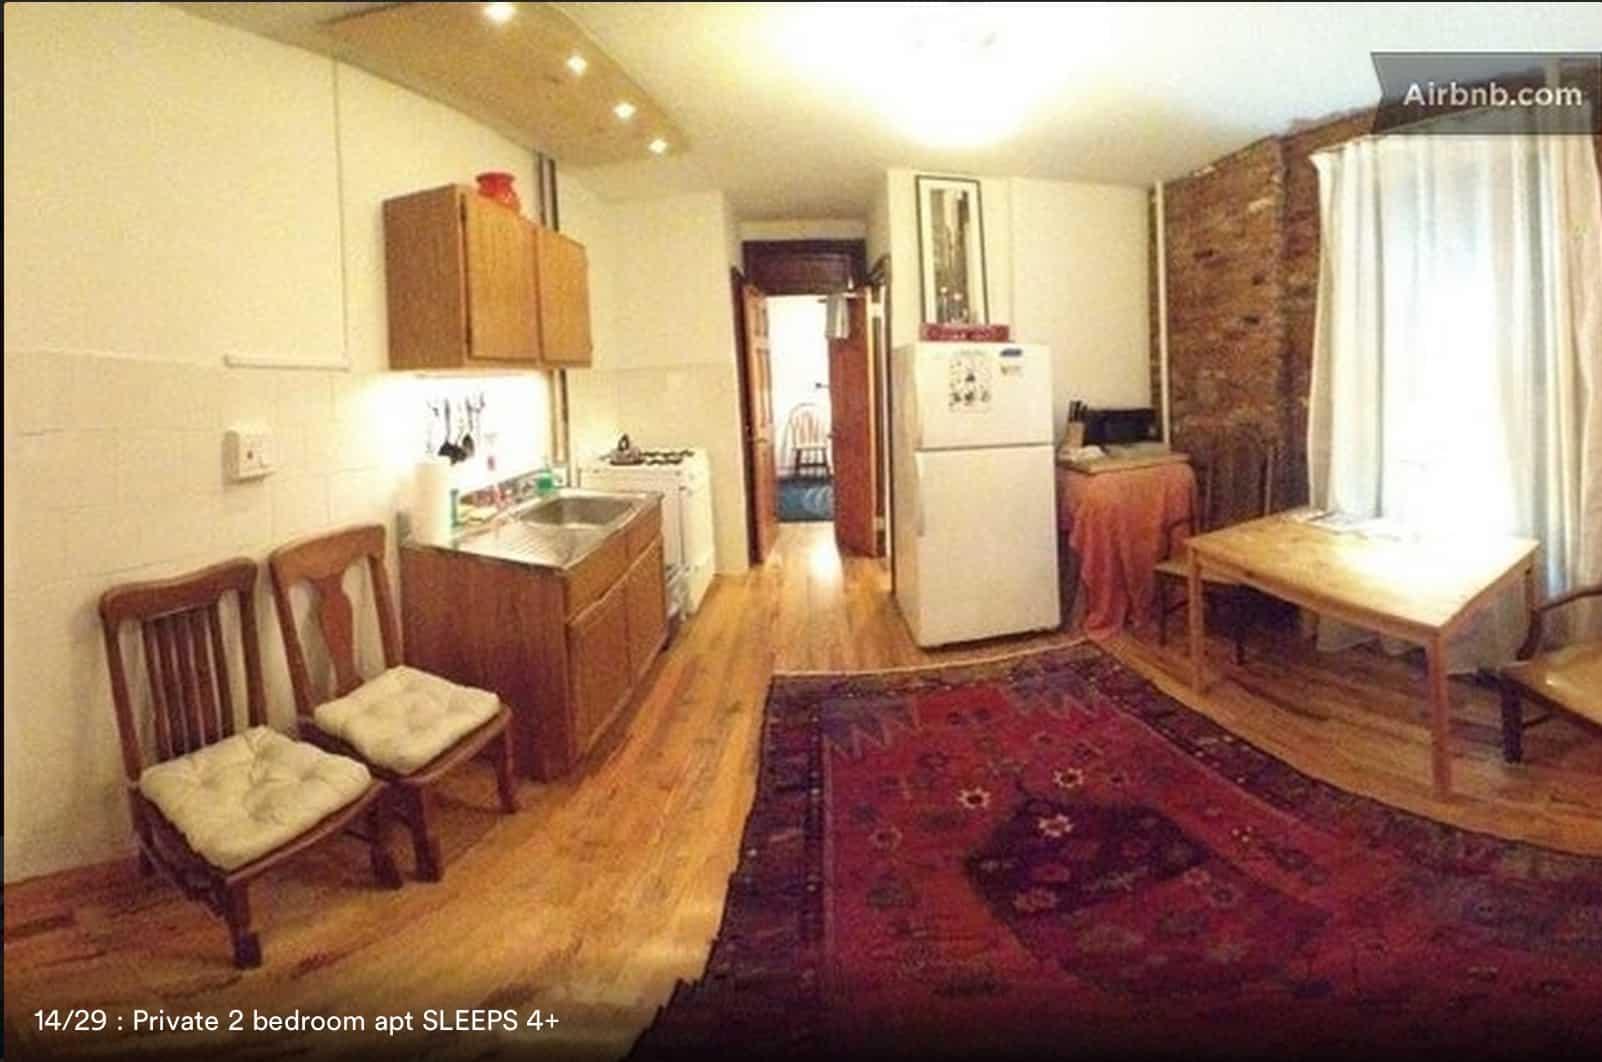 Les bons plans pour un voyage new yorkles appartements test s par la commun - Appartement new york brooklyn ...